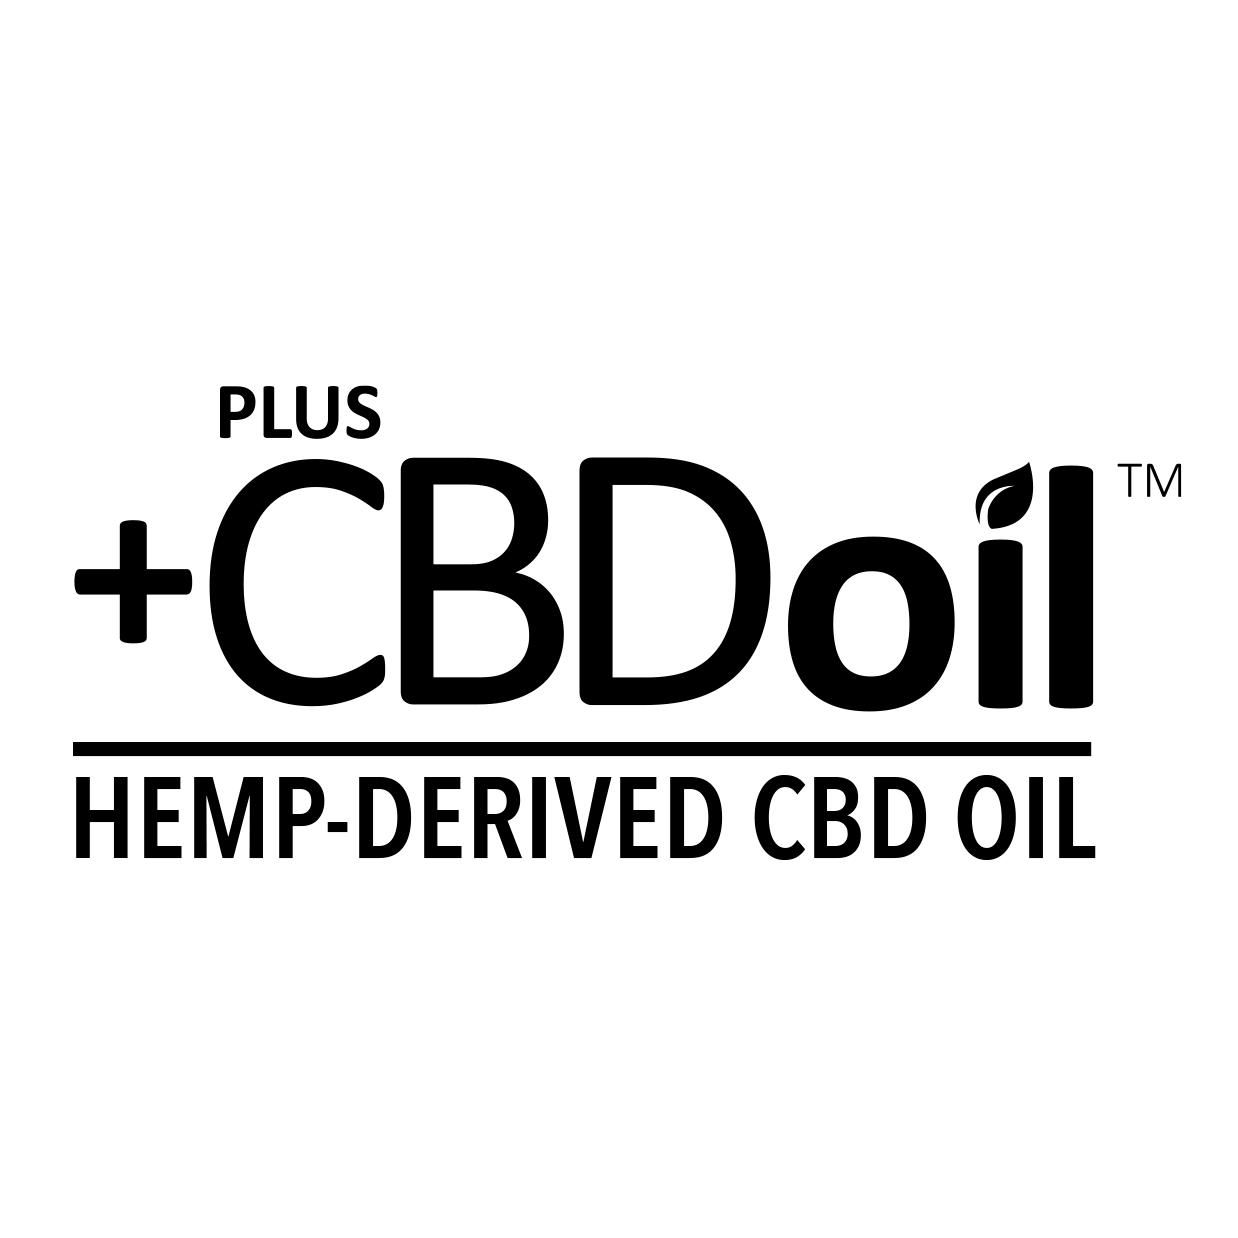 PlusCBD Oil logo